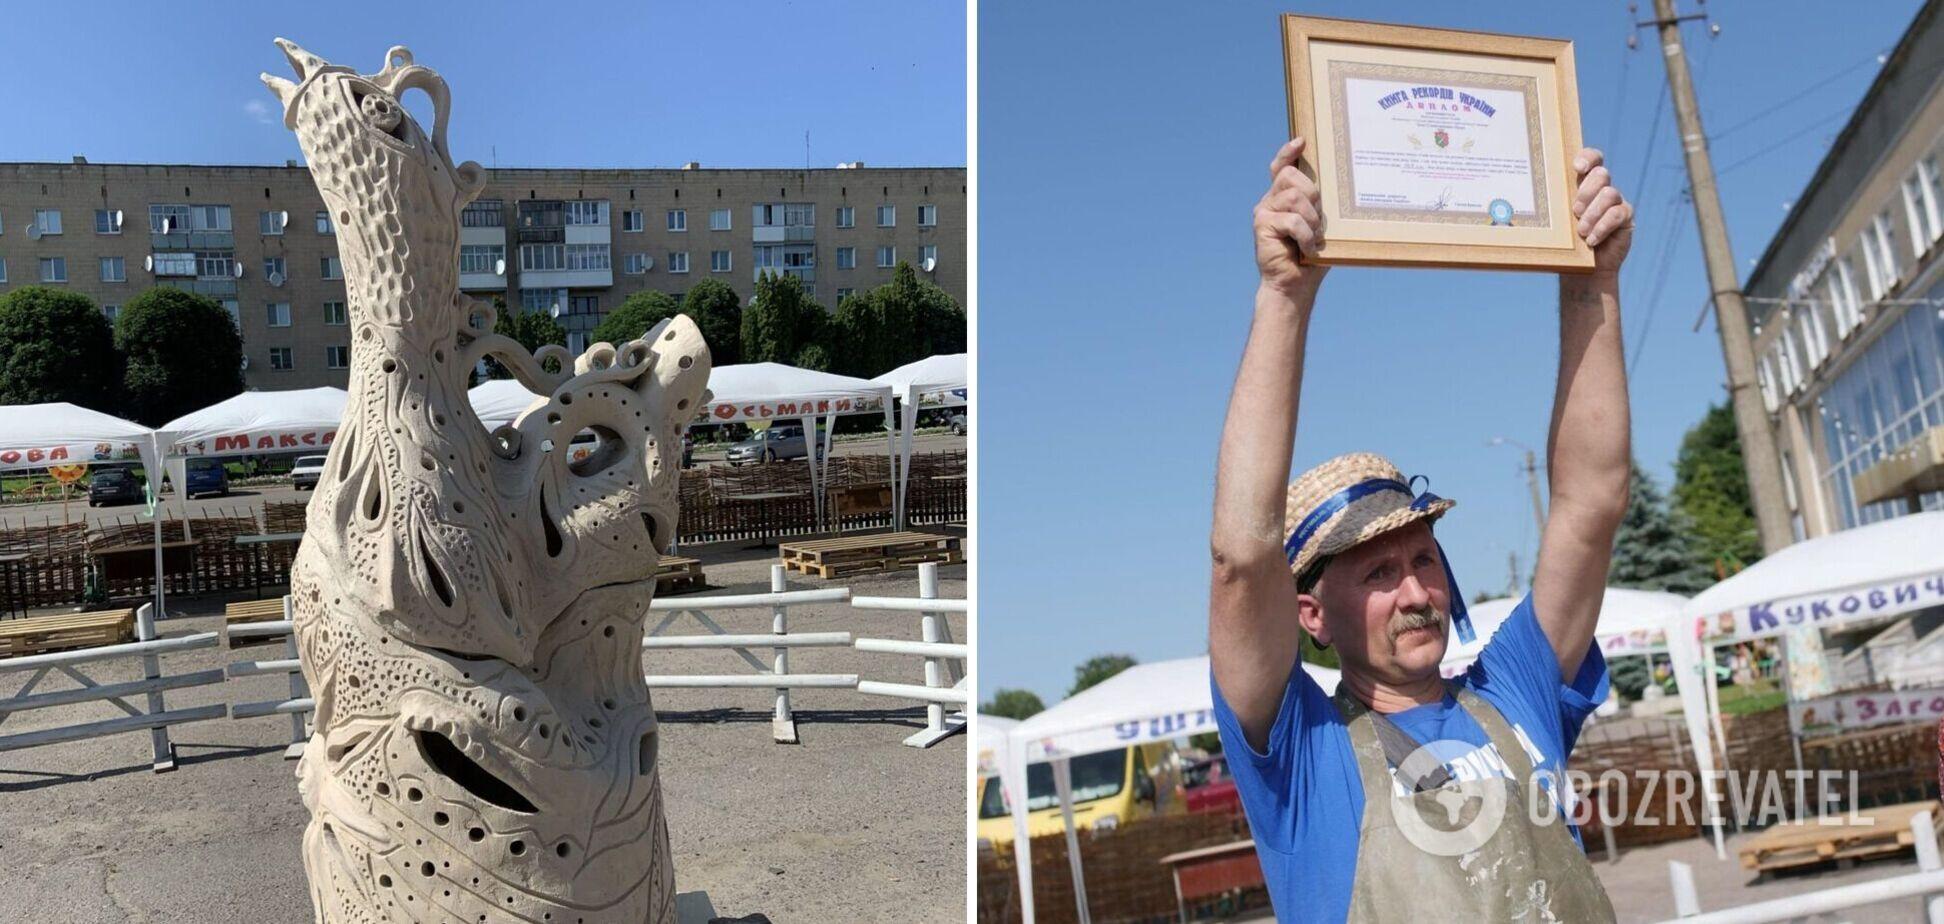 В Україні майстер створив глиняний свищик висотою 1,6 м і встановив рекорд. Фото